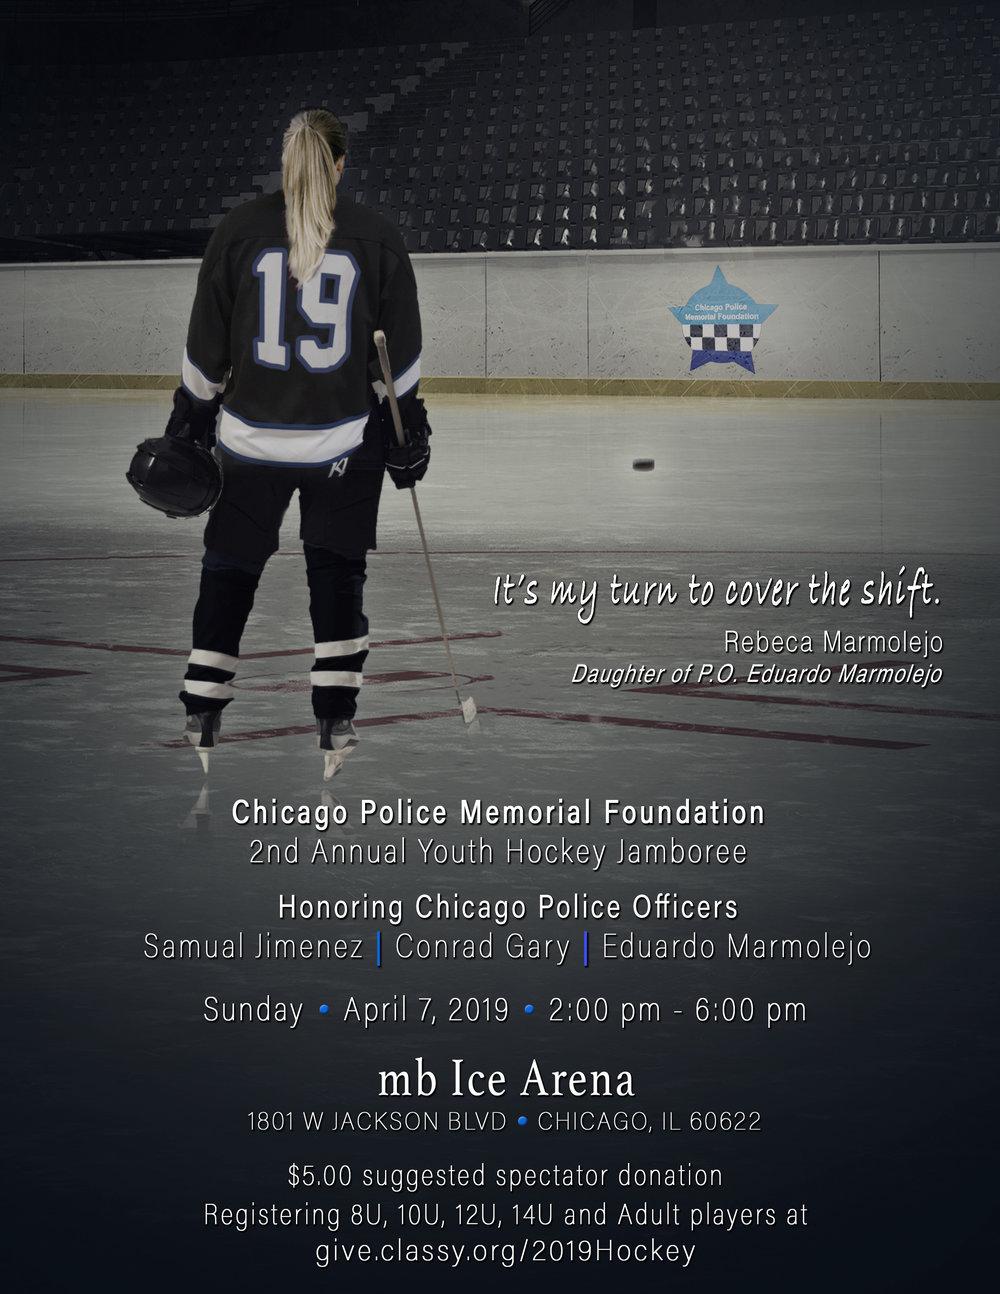 2019 CPMF Hockey Jamboree v2.jpg